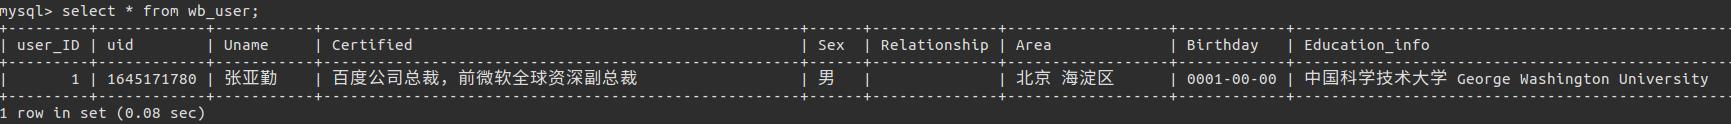 用户资料表